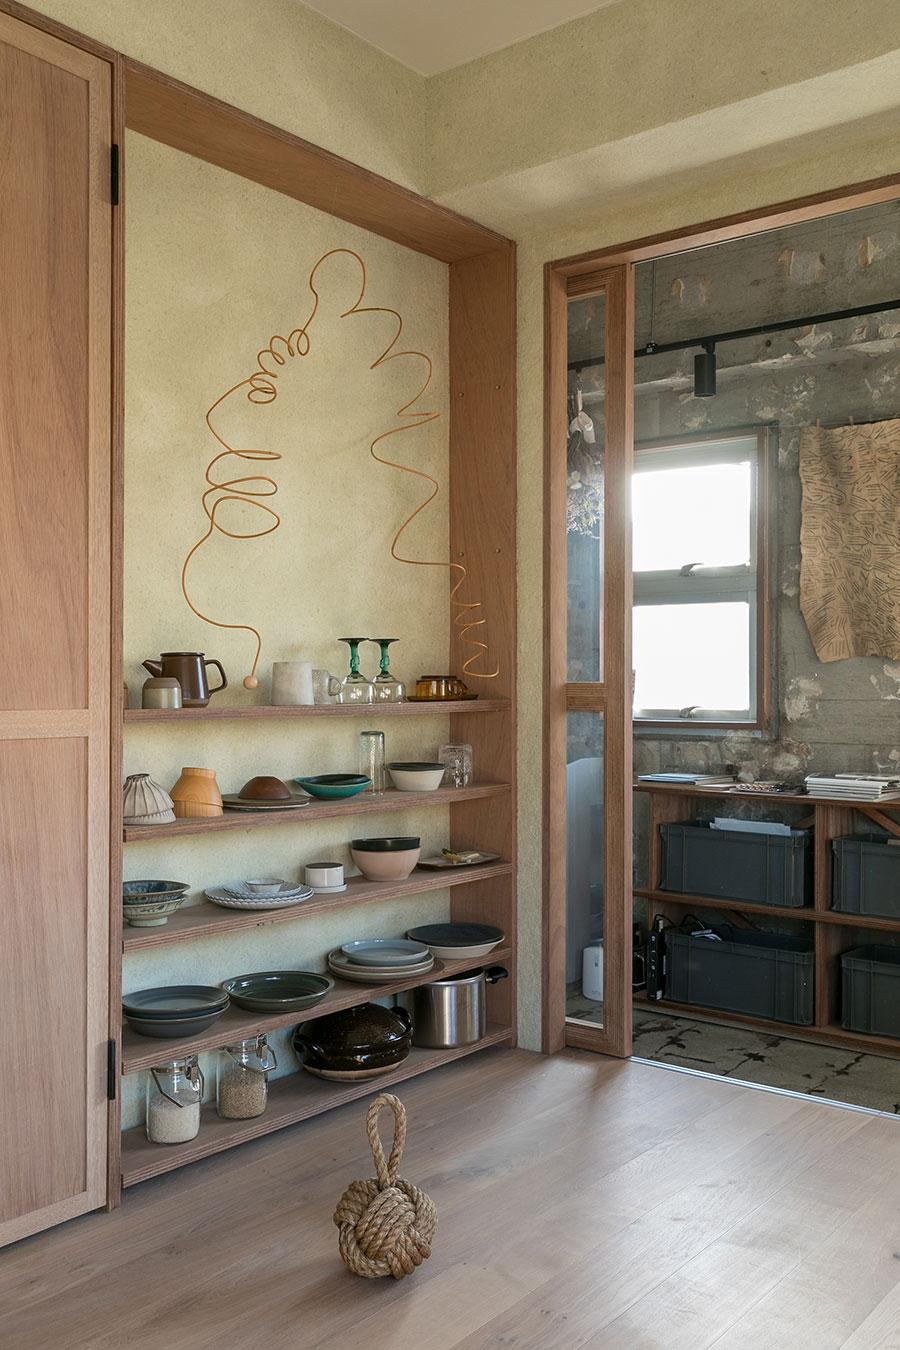 棚のモビールは藤作家のtakayo katayamaさんの作品。「つい食器を買い足したくなる棚です(笑)」